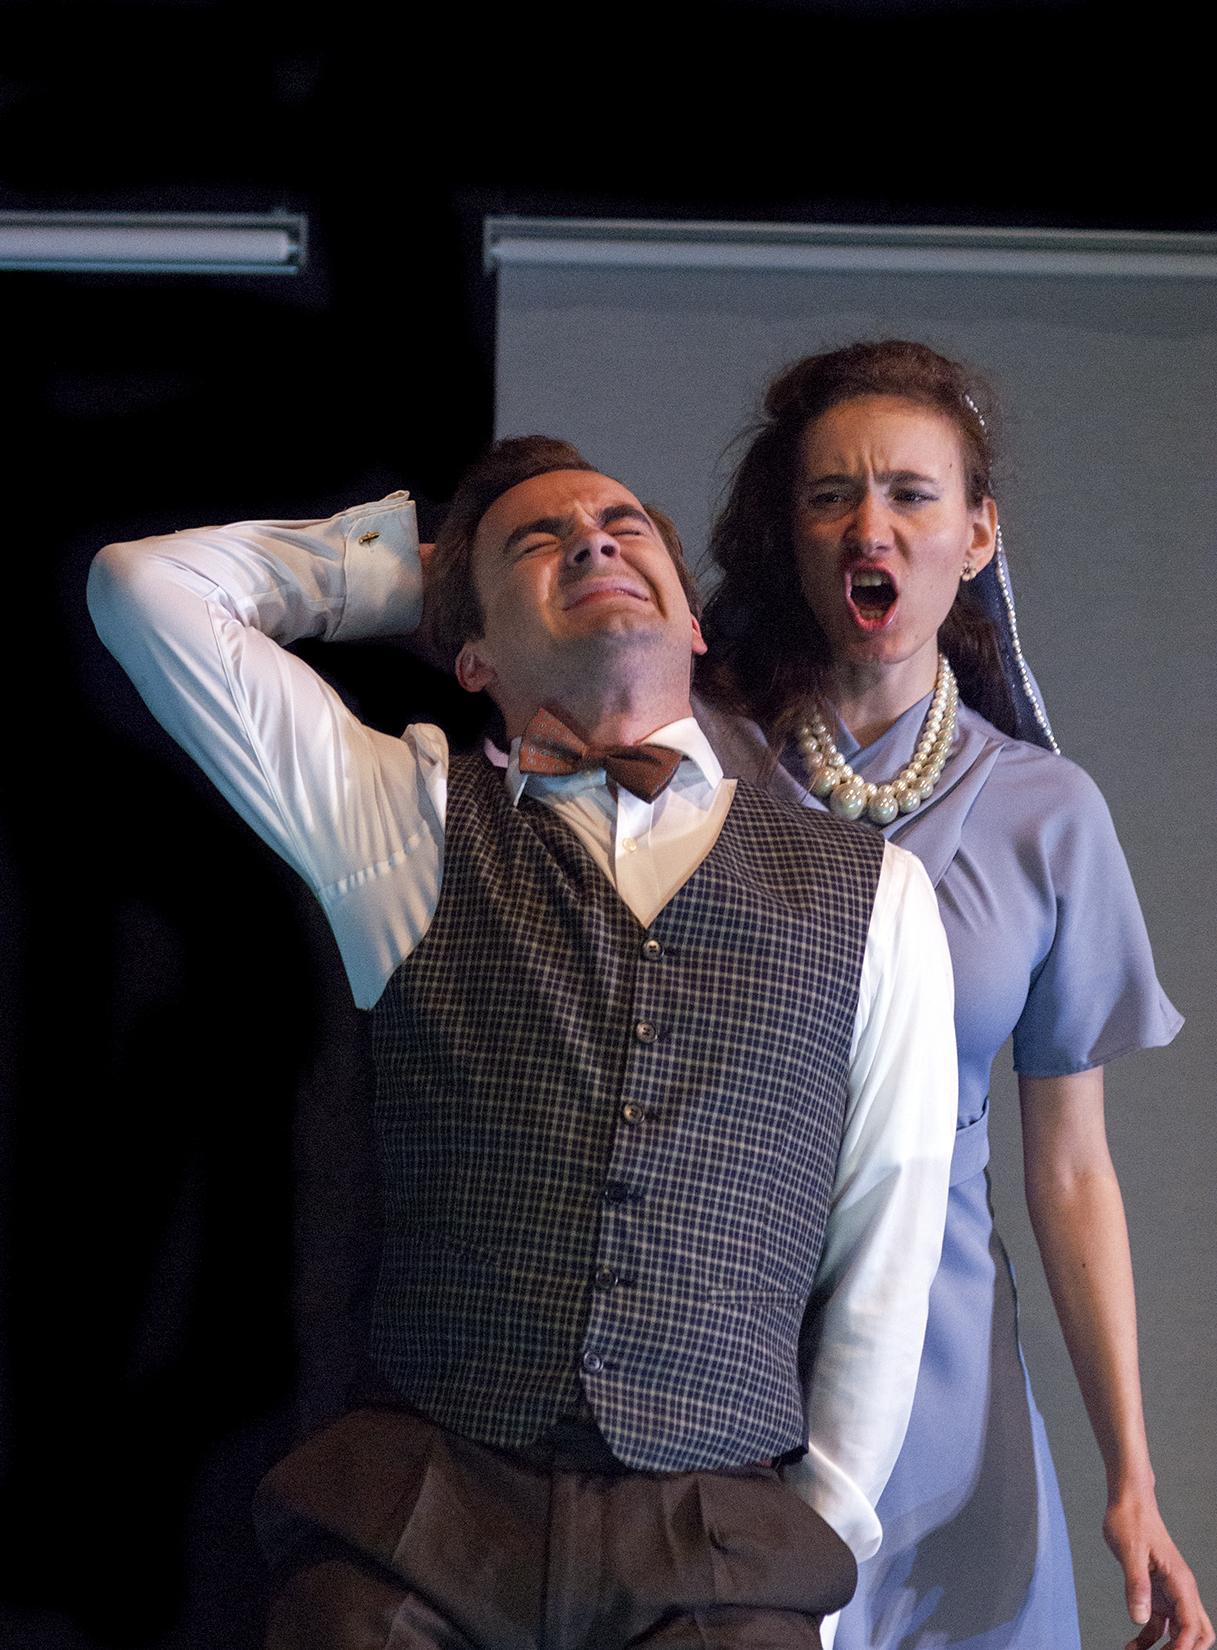 Ottavia and Ottone in L'incoronazione di Poppea